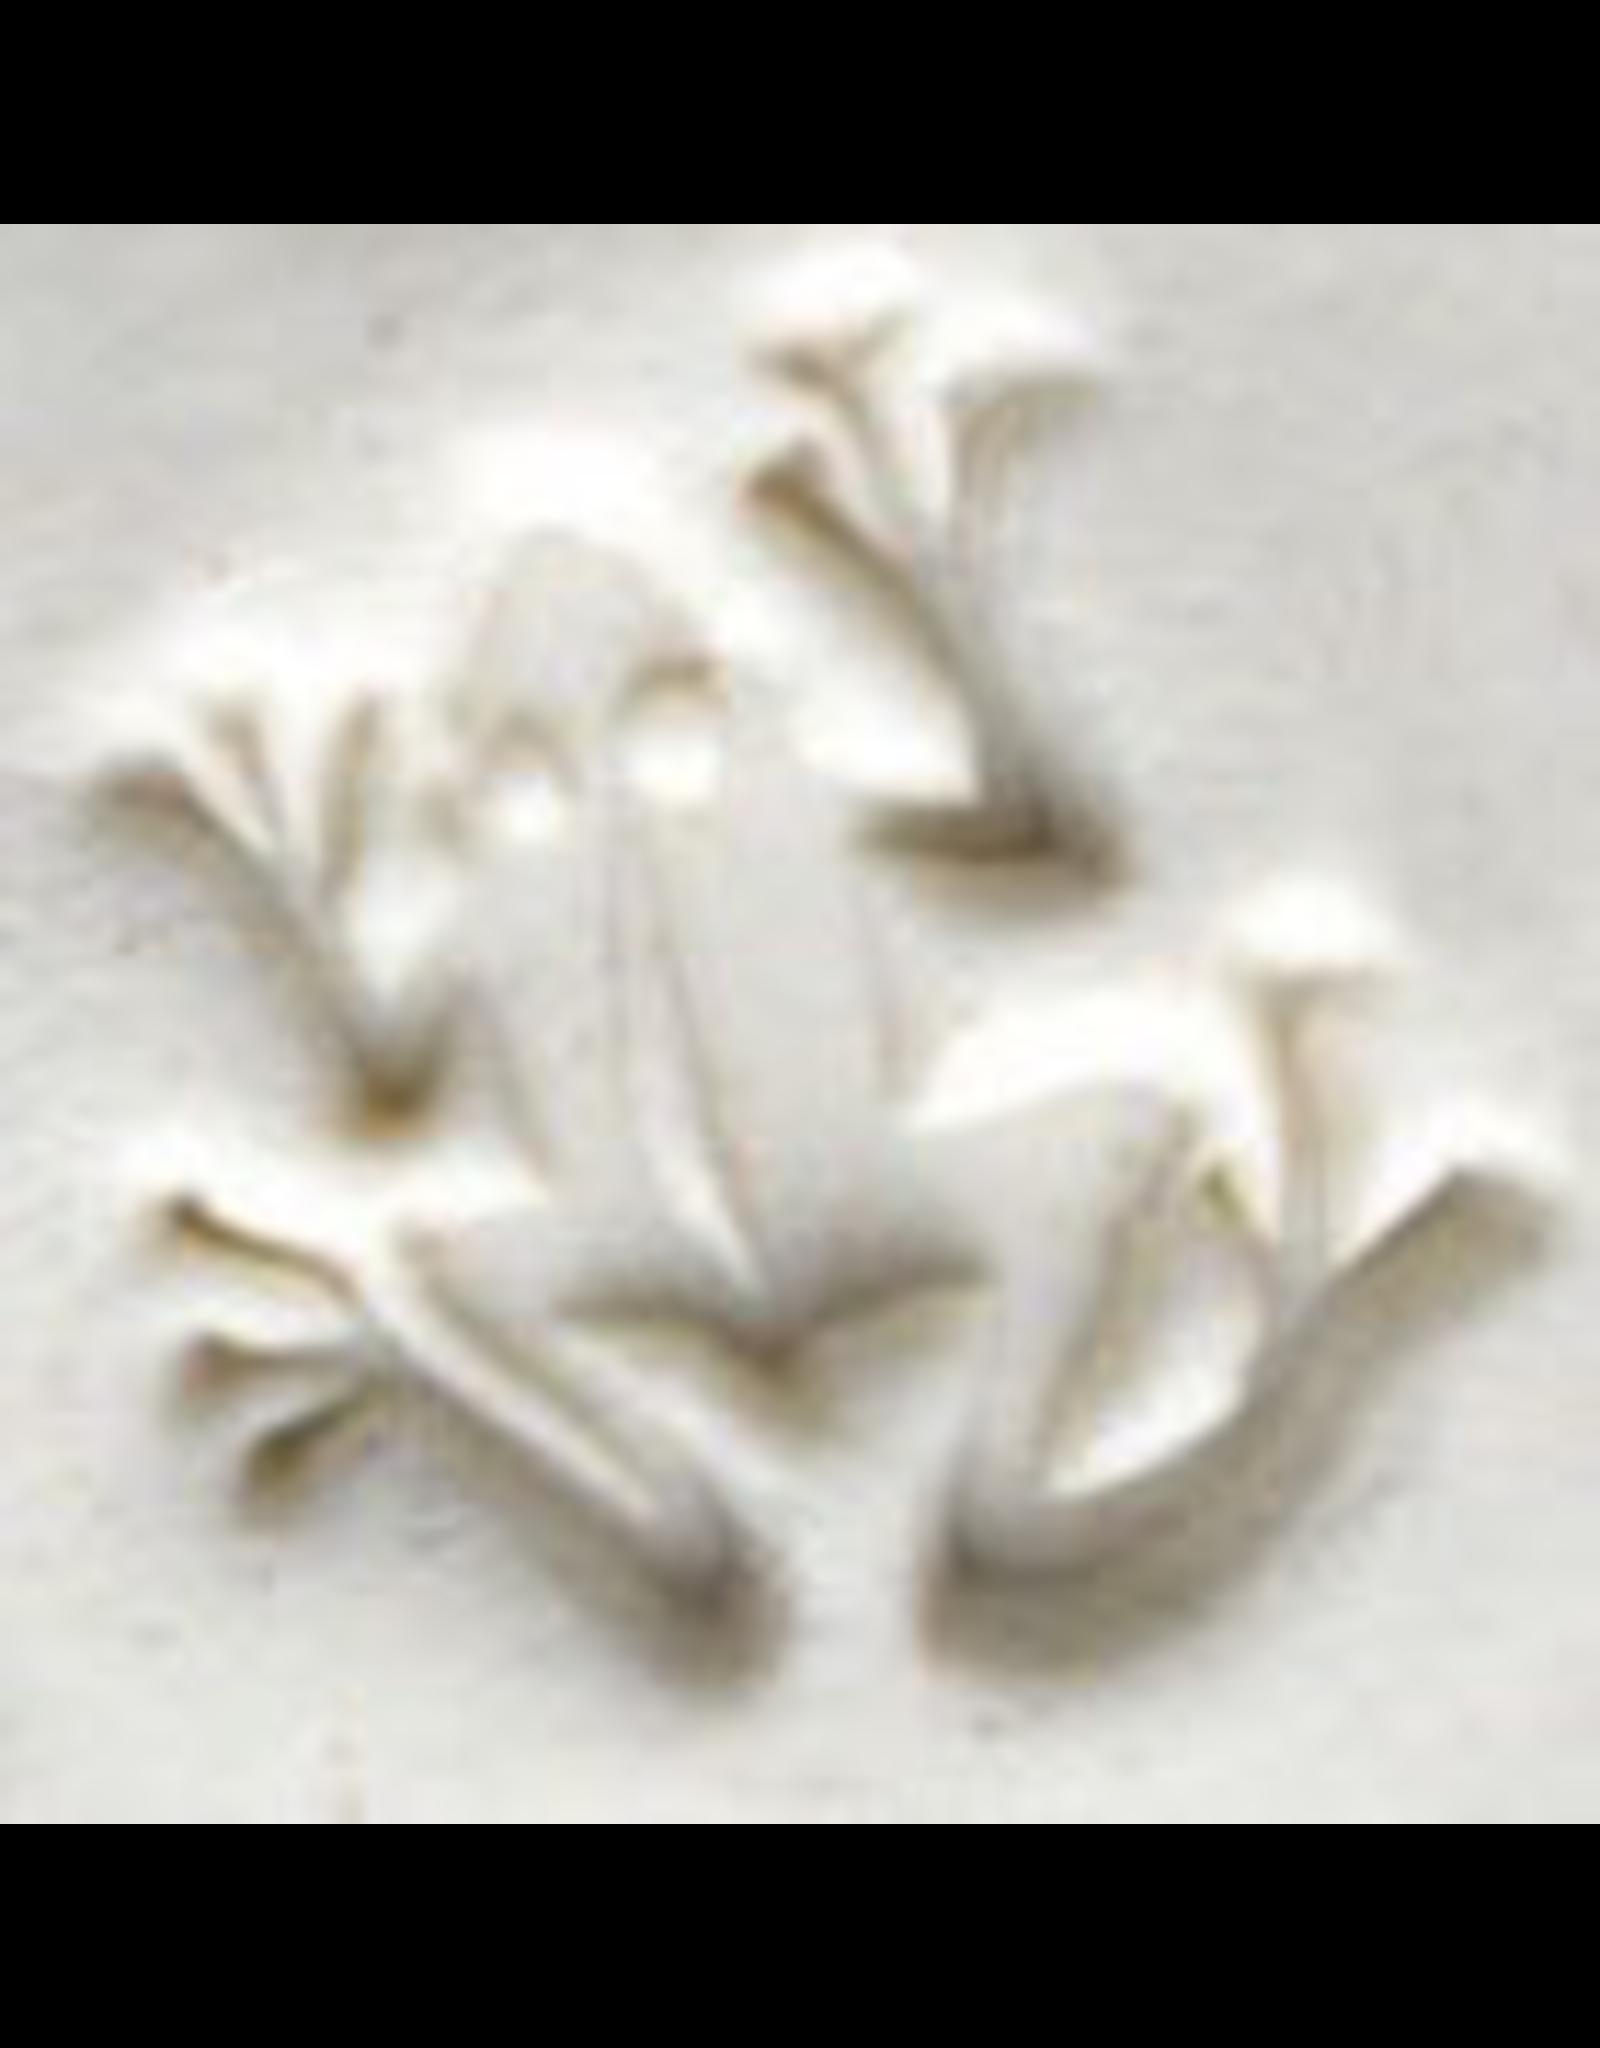 Frog stamp (2.5cm)